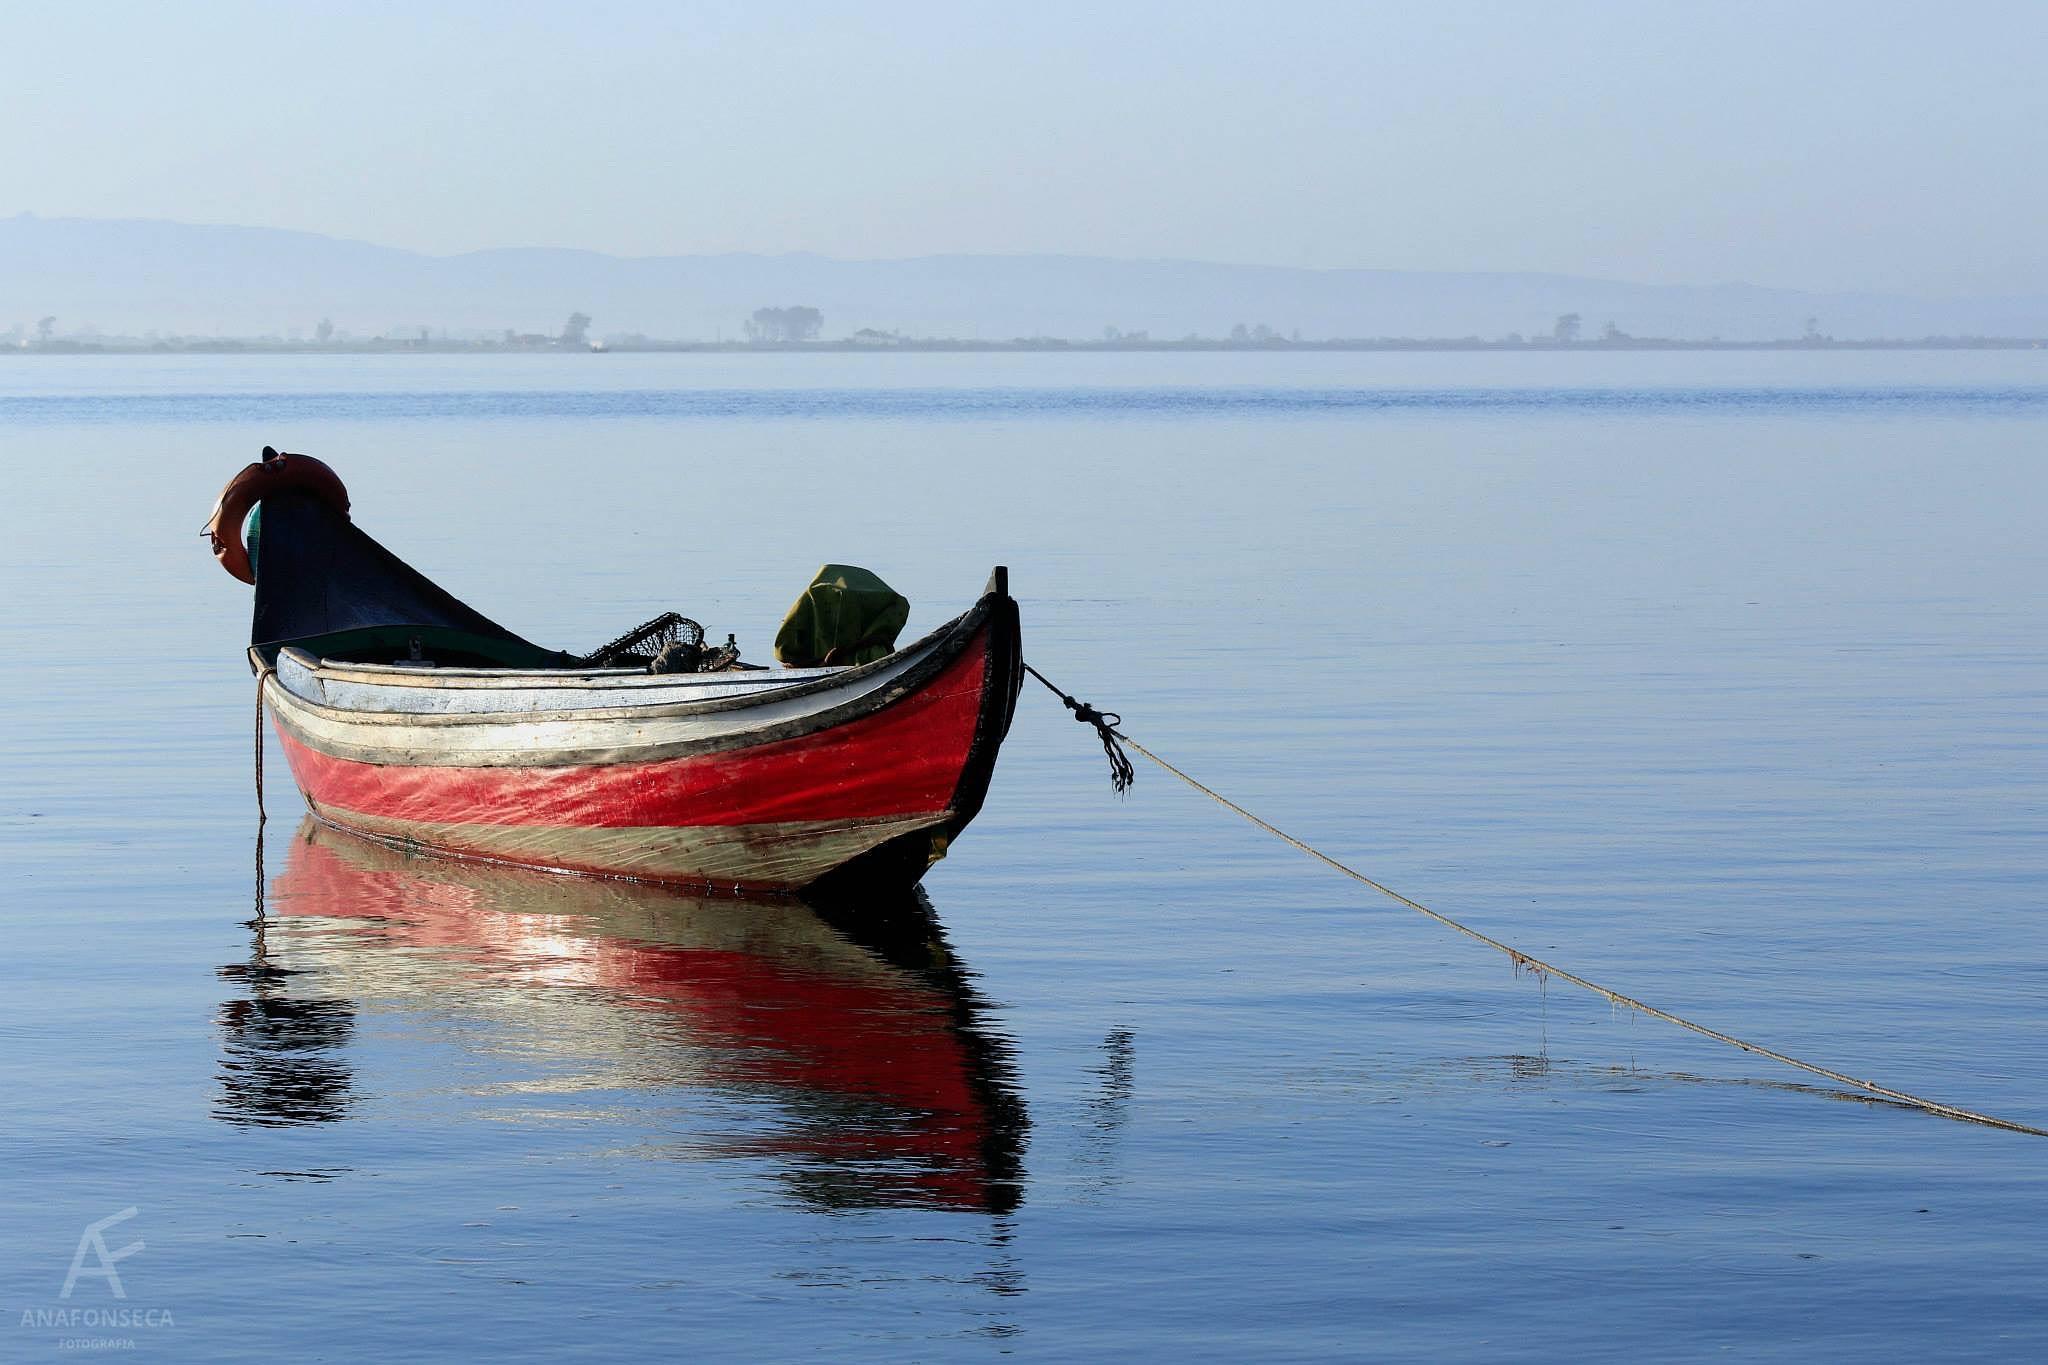 Just a boat by Ana Paula Fonseca